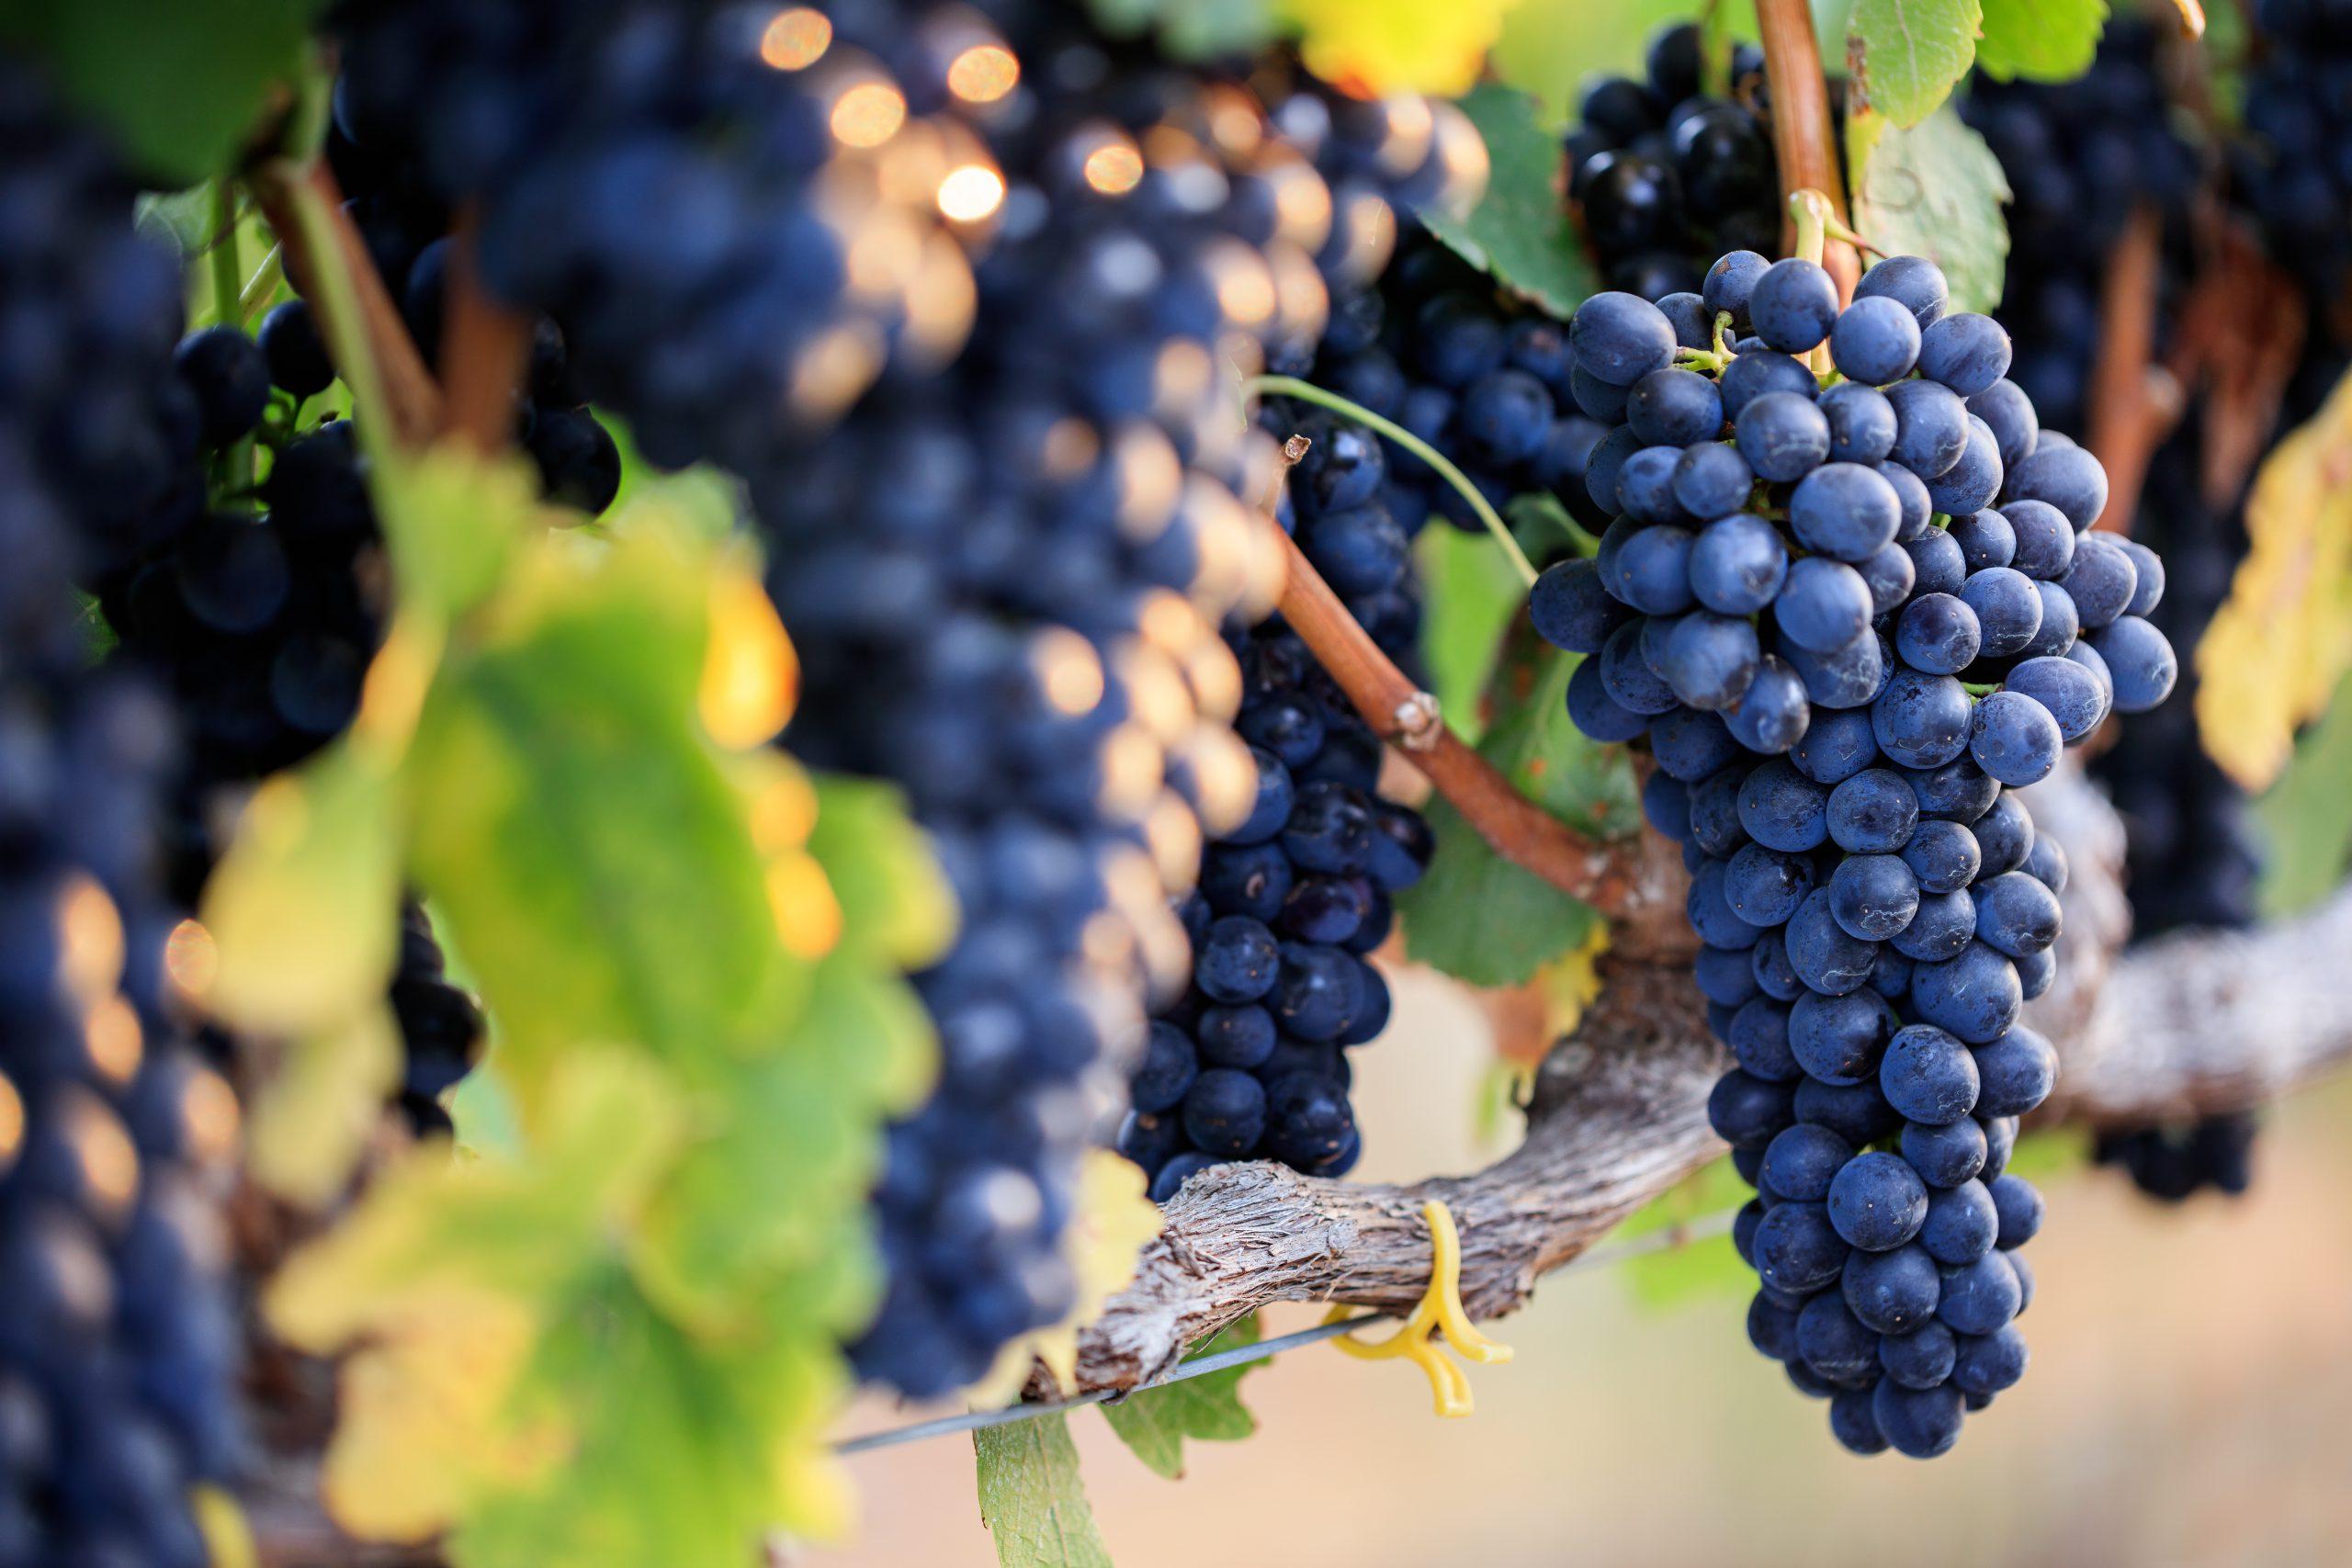 シラーズのワインを飲んでみよう!主な産地とおすすめワイン